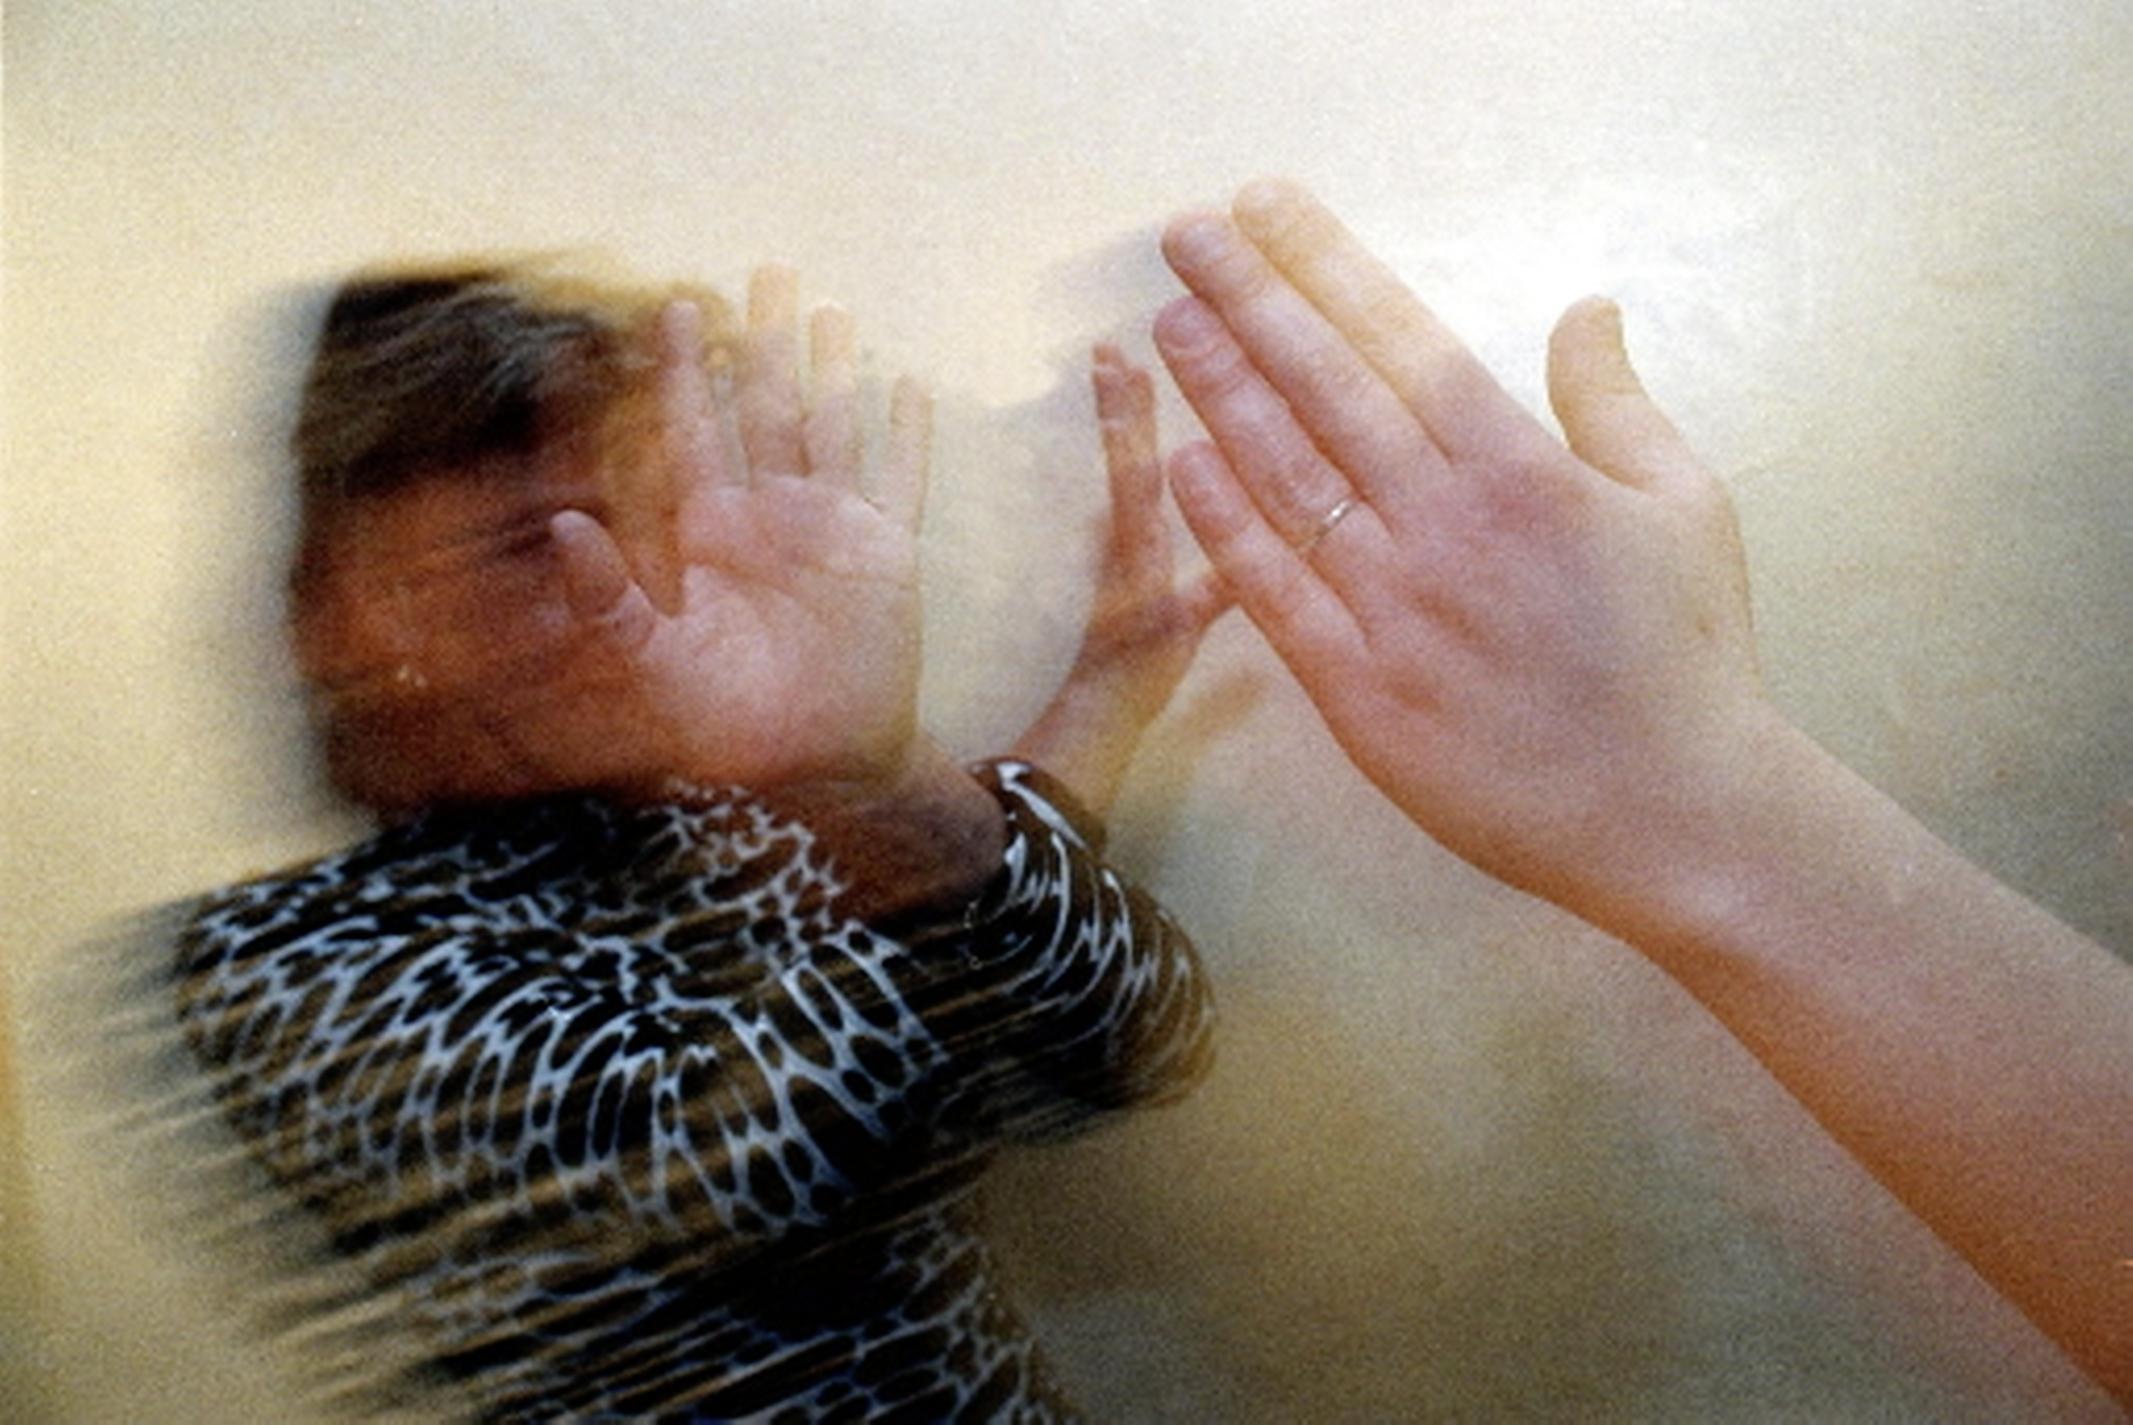 Heftige familieruzie over seksueel misbruik loopt uit de hand in Spanbroek, voor herhaling wordt gevreesd